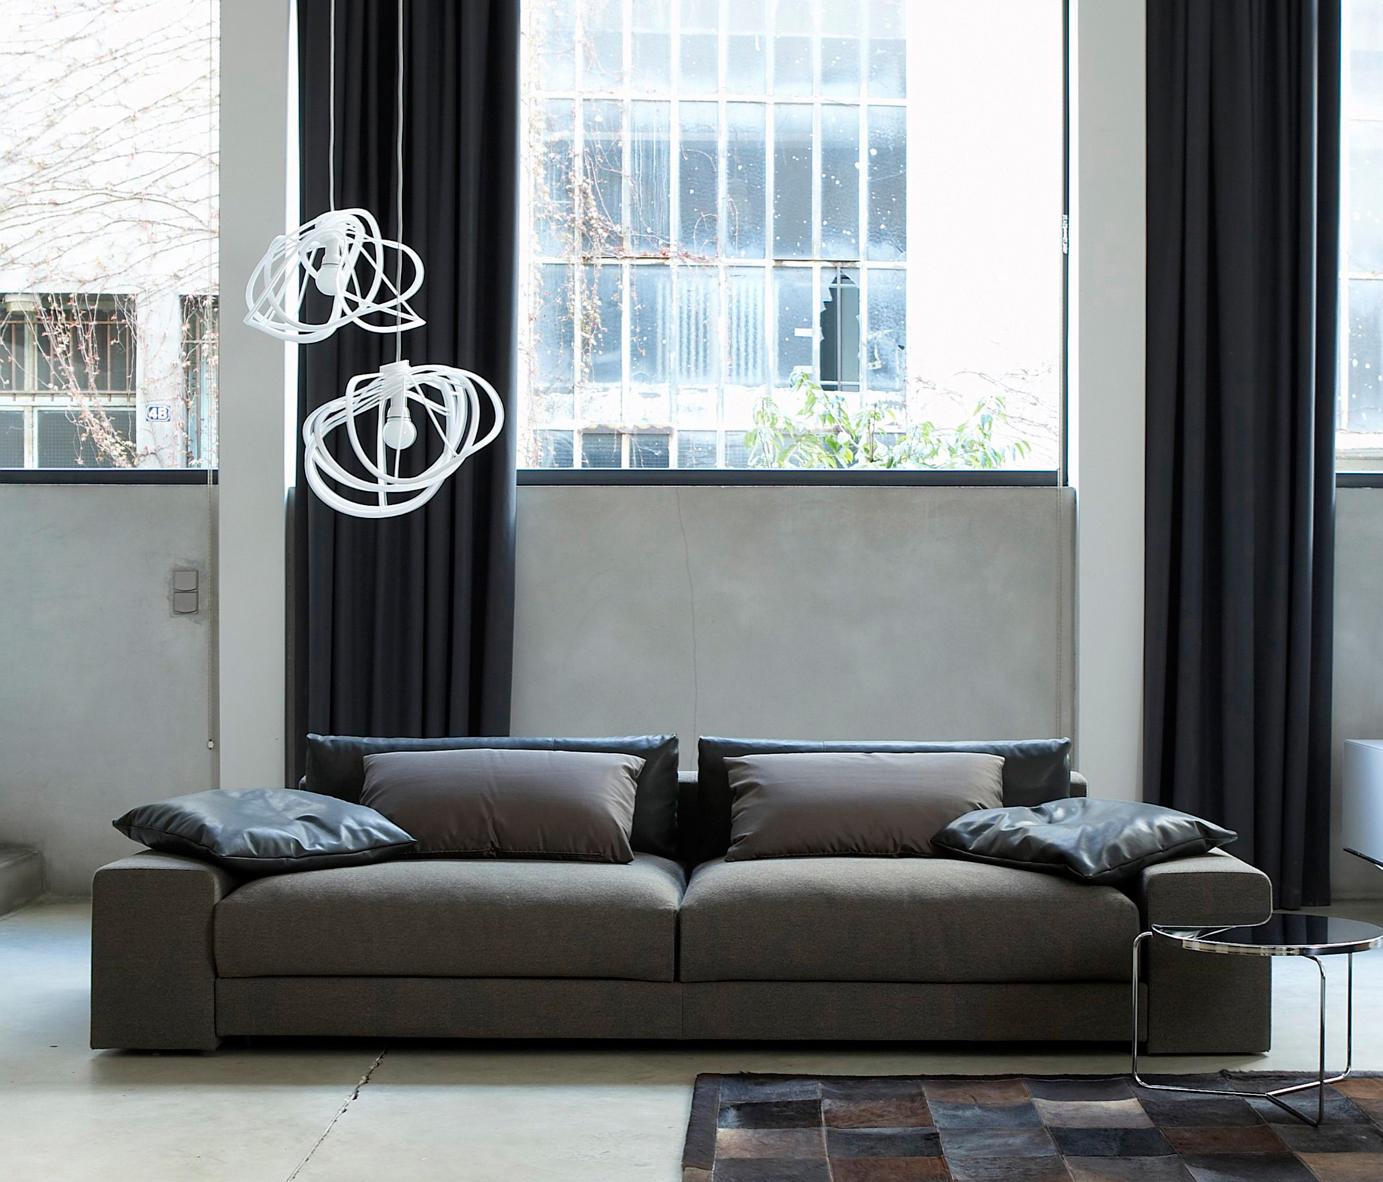 bloom clairage g n ral de ligne roset architonic. Black Bedroom Furniture Sets. Home Design Ideas